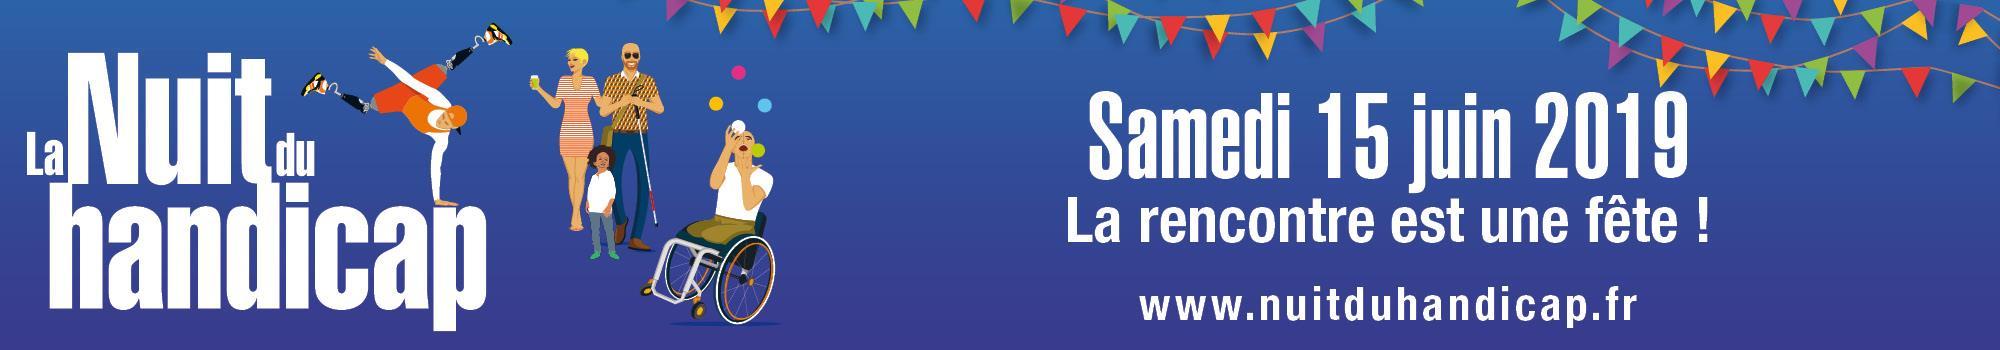 La Nuit du handicap 2019 - Toulouse - LA NUIT DU HANDICAP